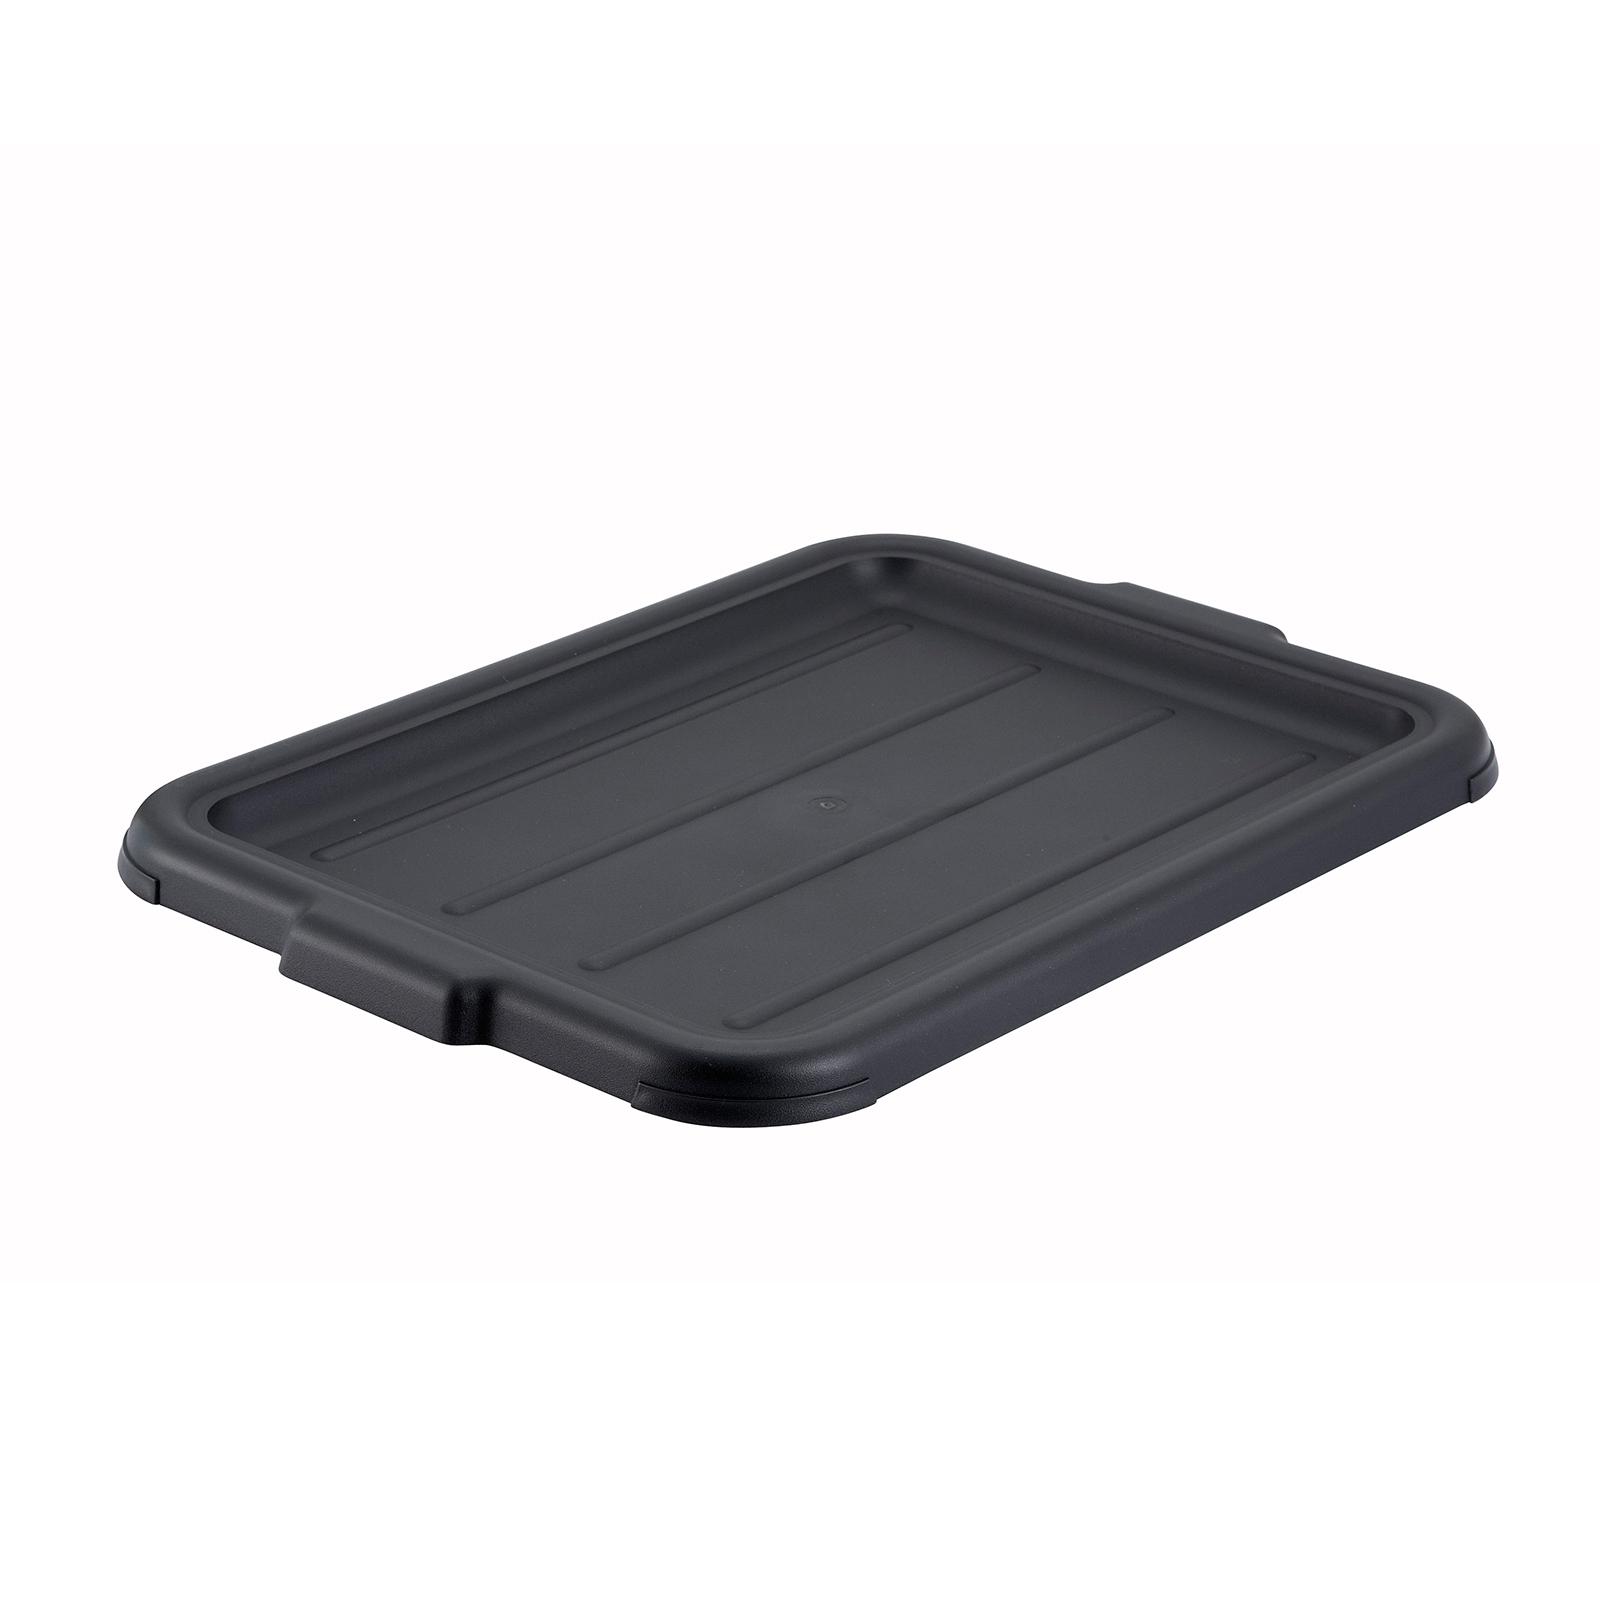 Winco PL-57K bus box / tub cover